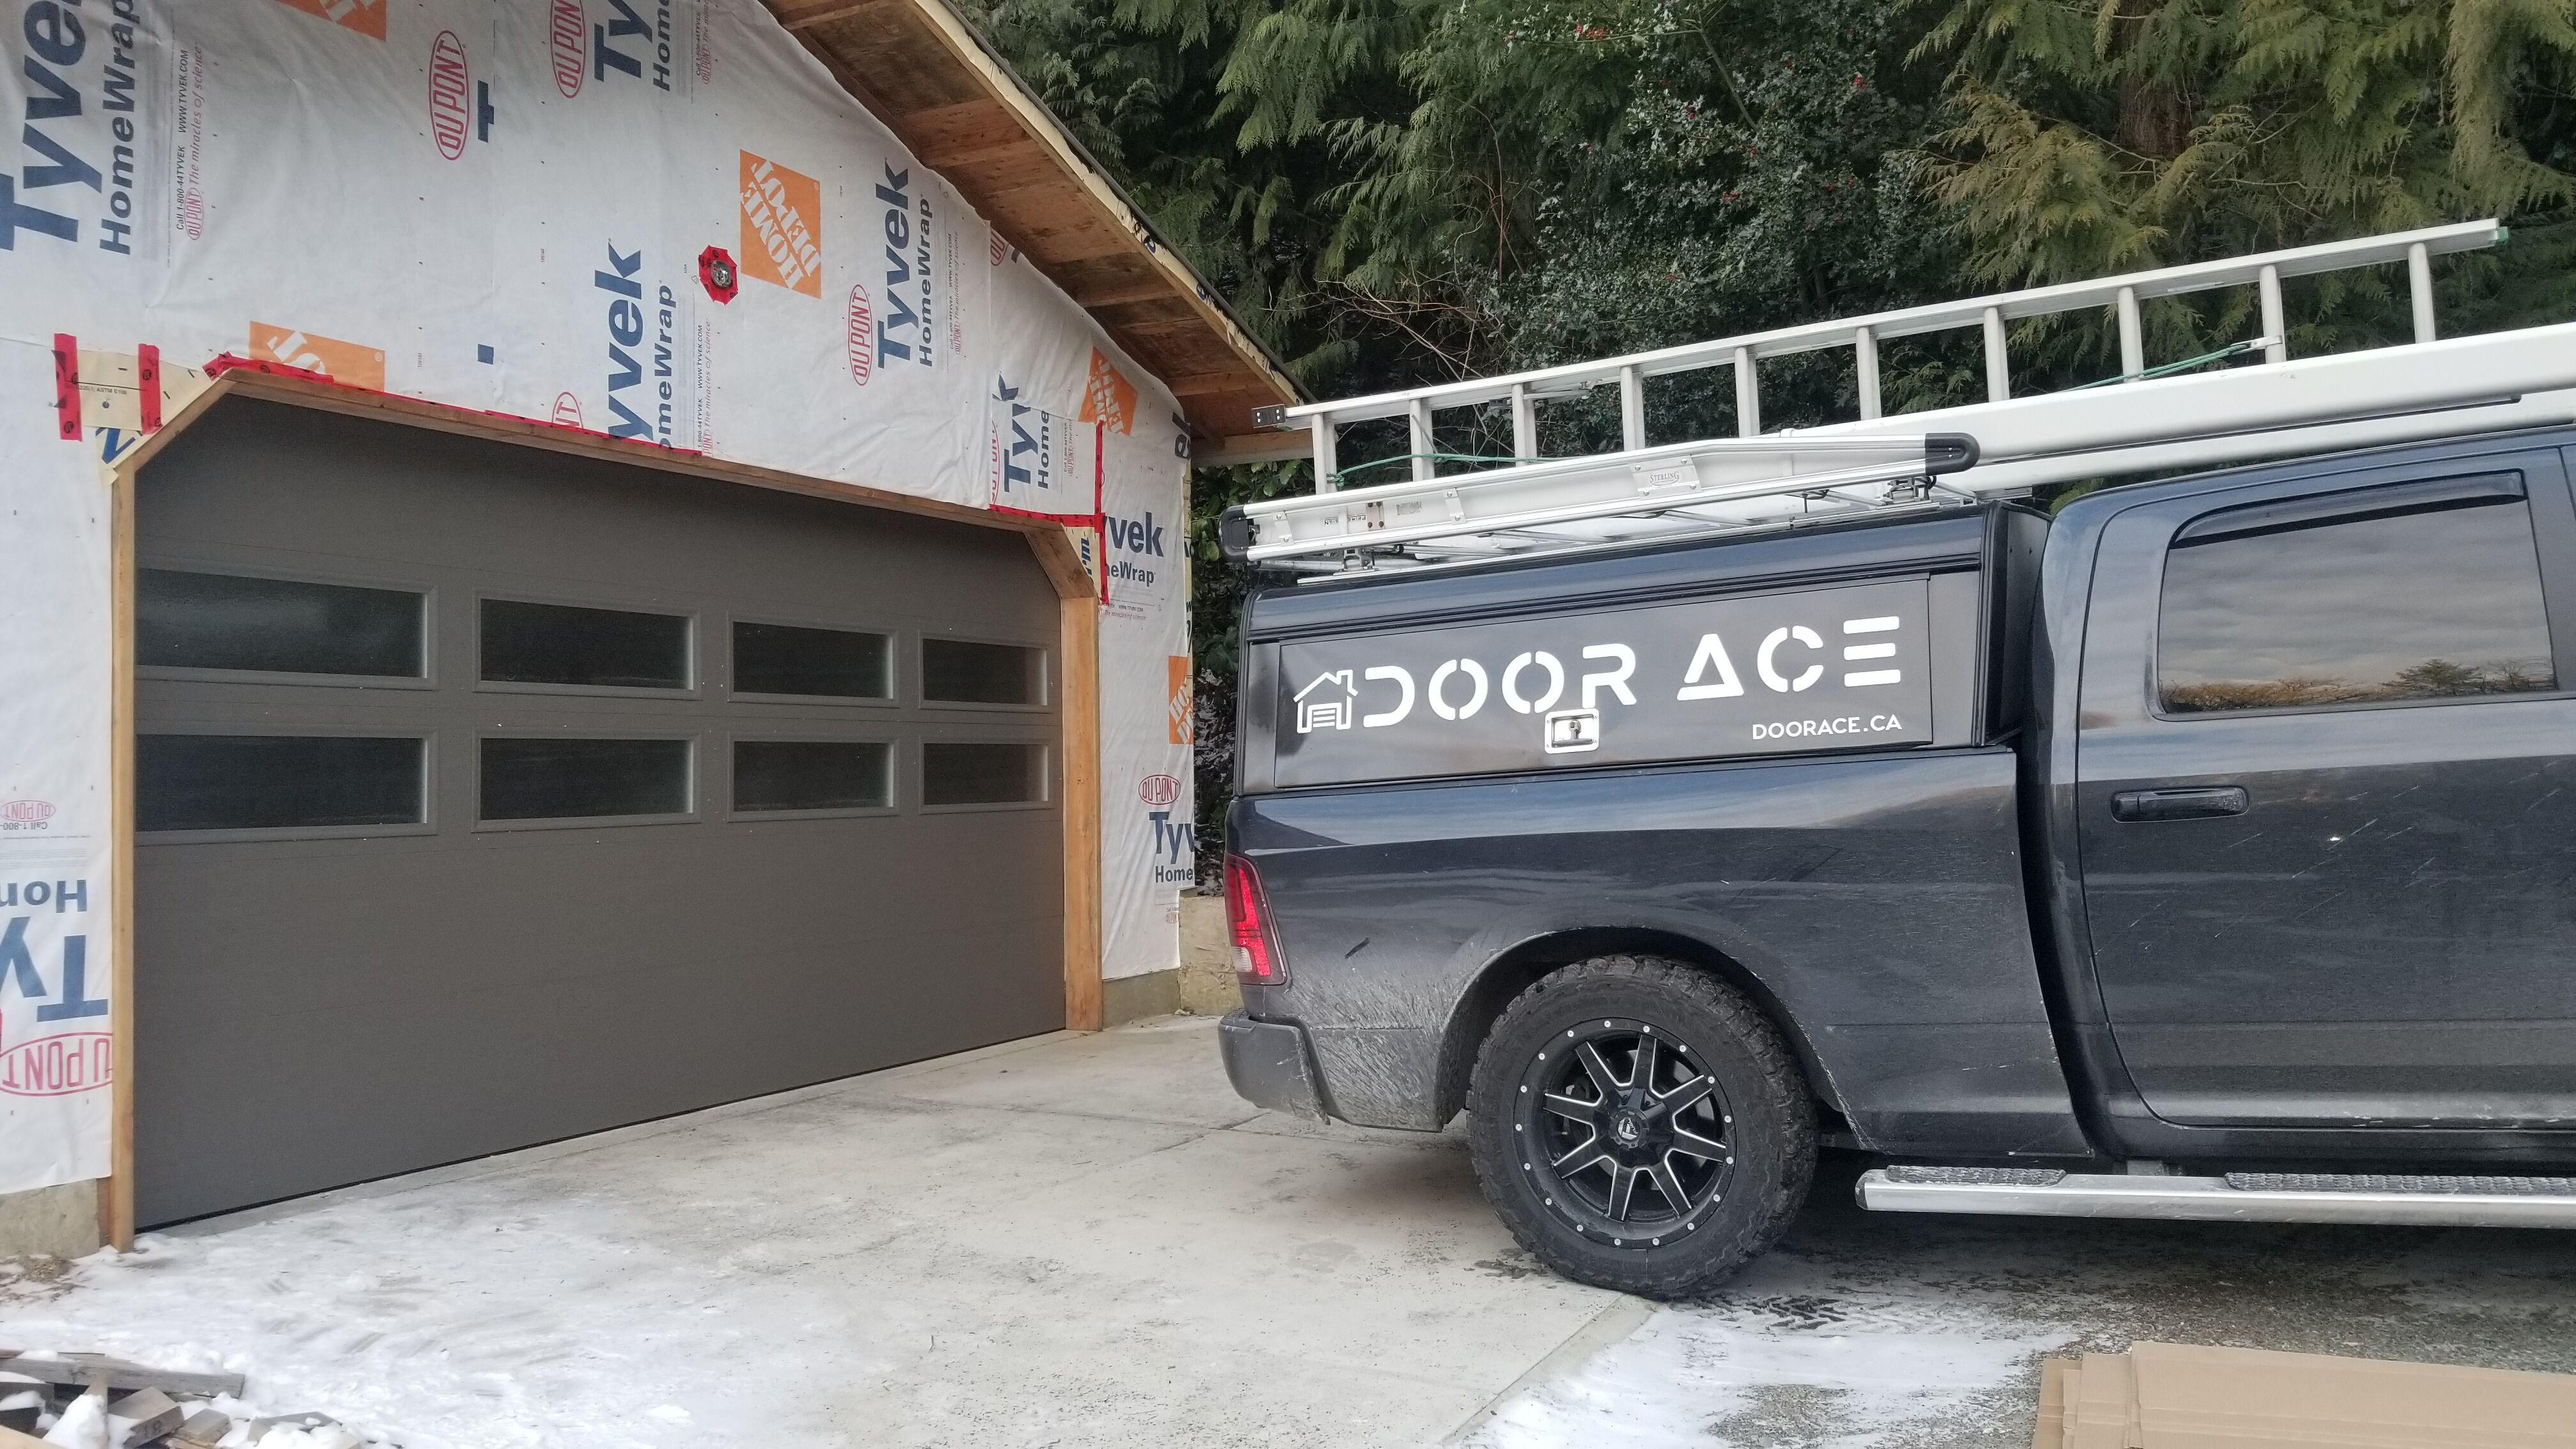 Door ace offer Residential Garage Door Services In Port Moody